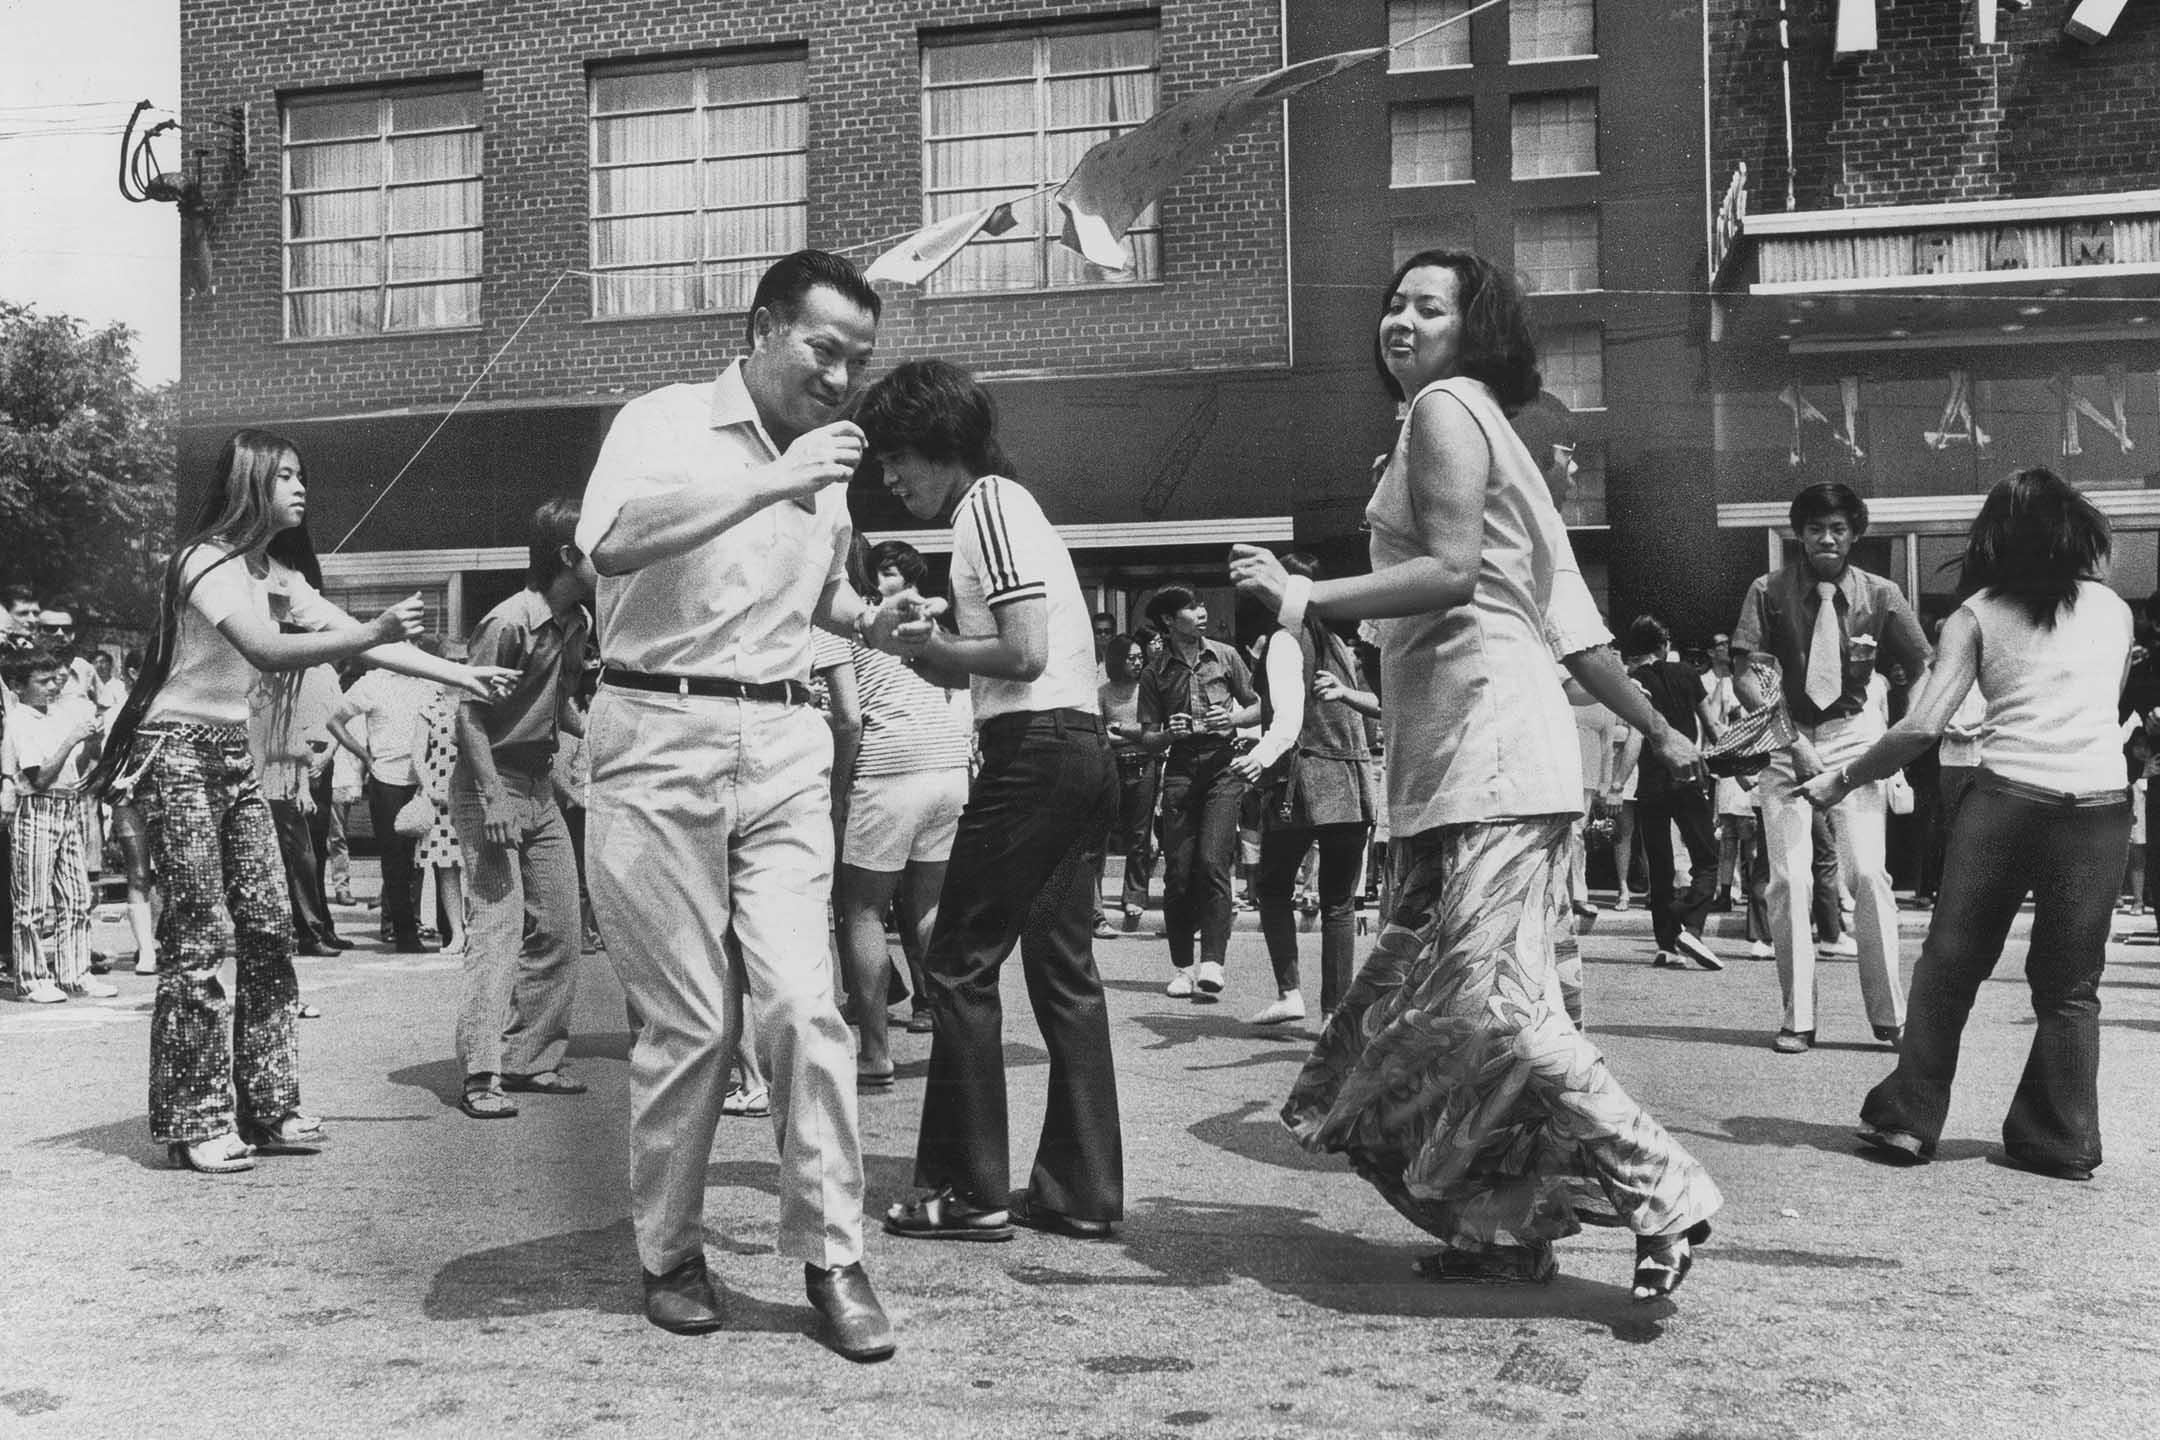 1970年7月26日加拿大唐人街,一項籌款活動期間,人們隨著搖滾樂隊的音樂翩翩起舞。 攝:Boris Spremo/Toronto Star via Getty Images